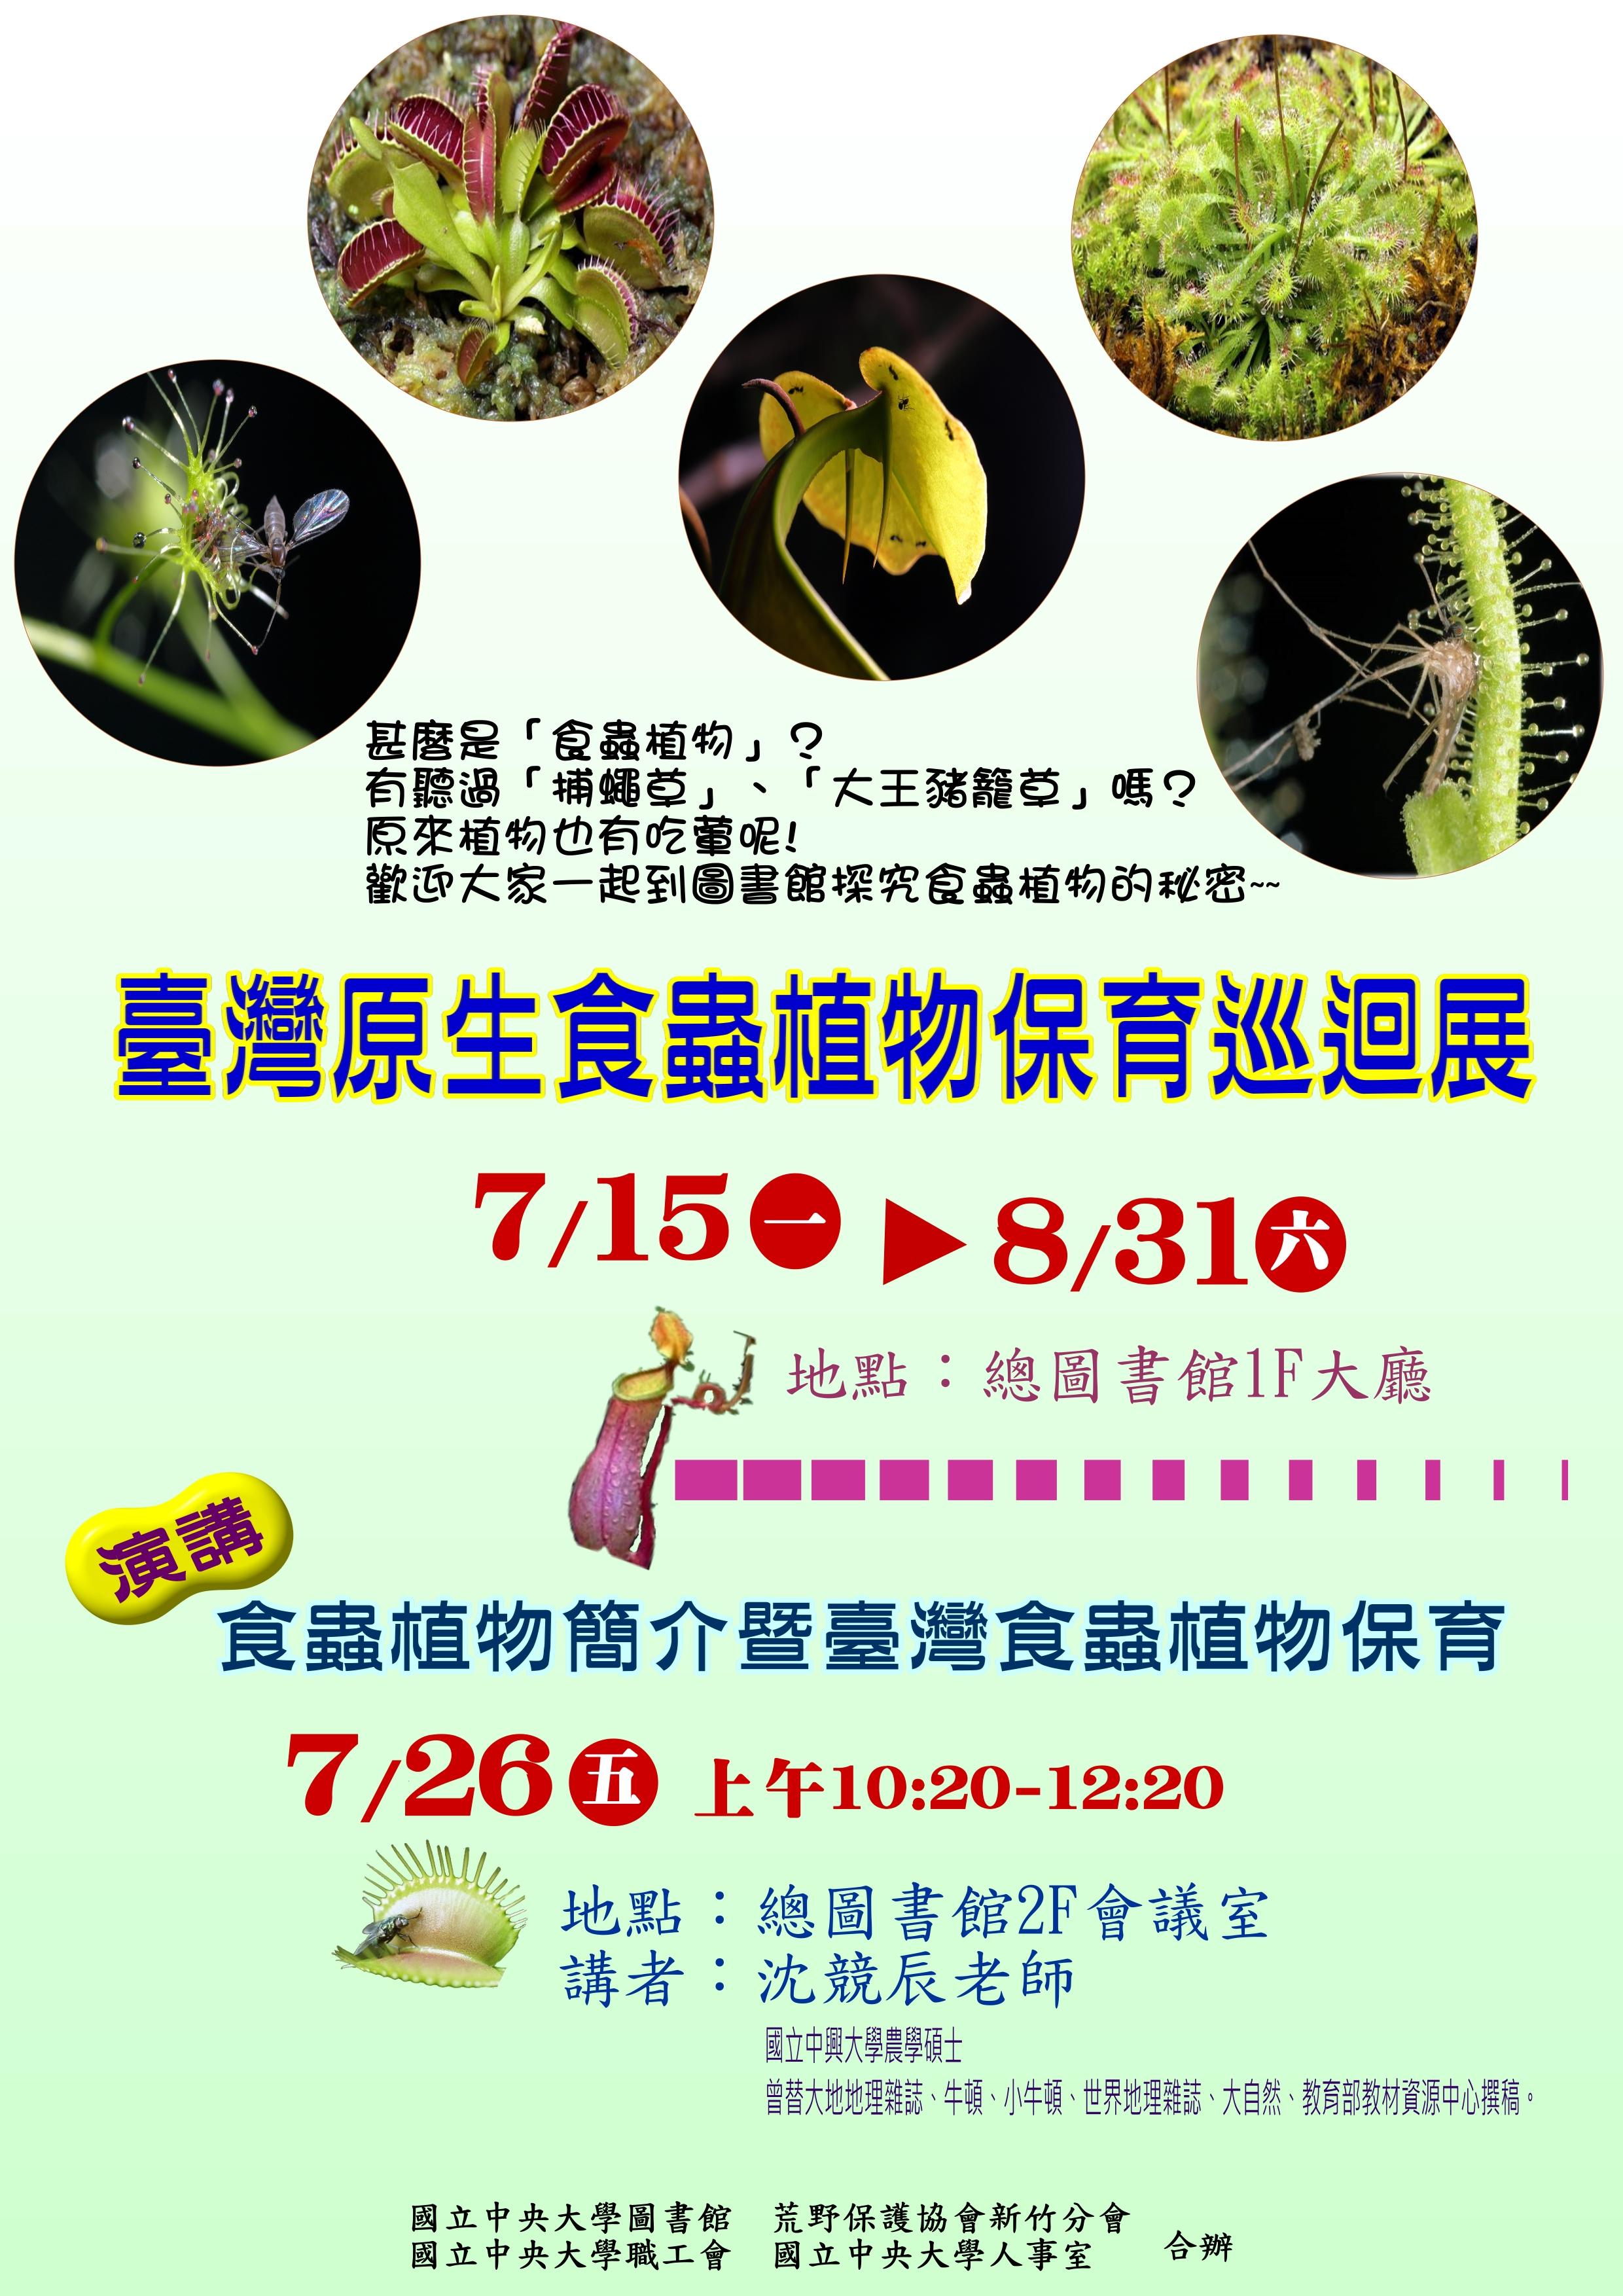 台灣原生食蟲植物保育巡迴展